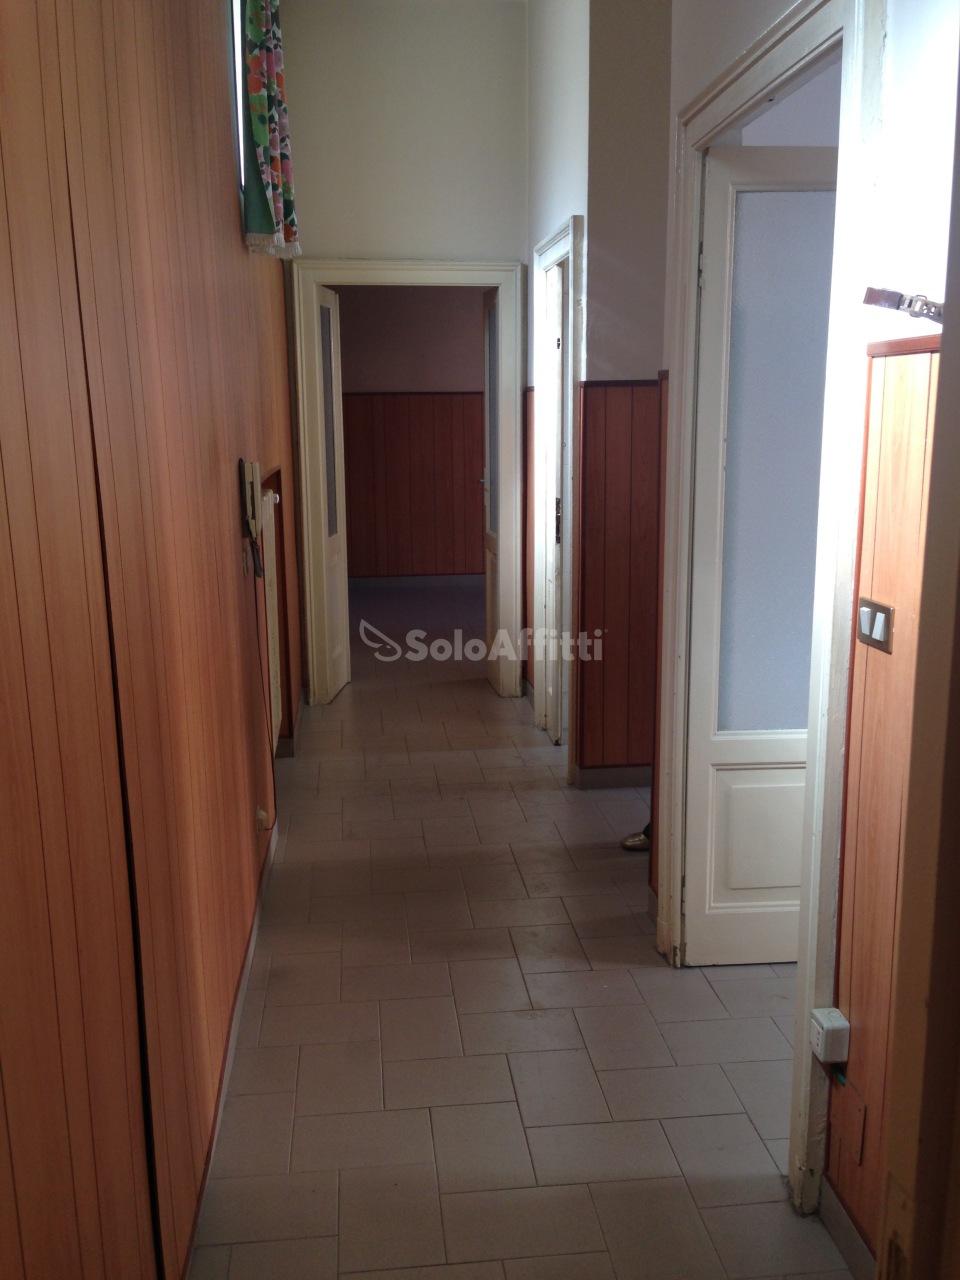 Bilocale Novara Via Frasconi  12 11